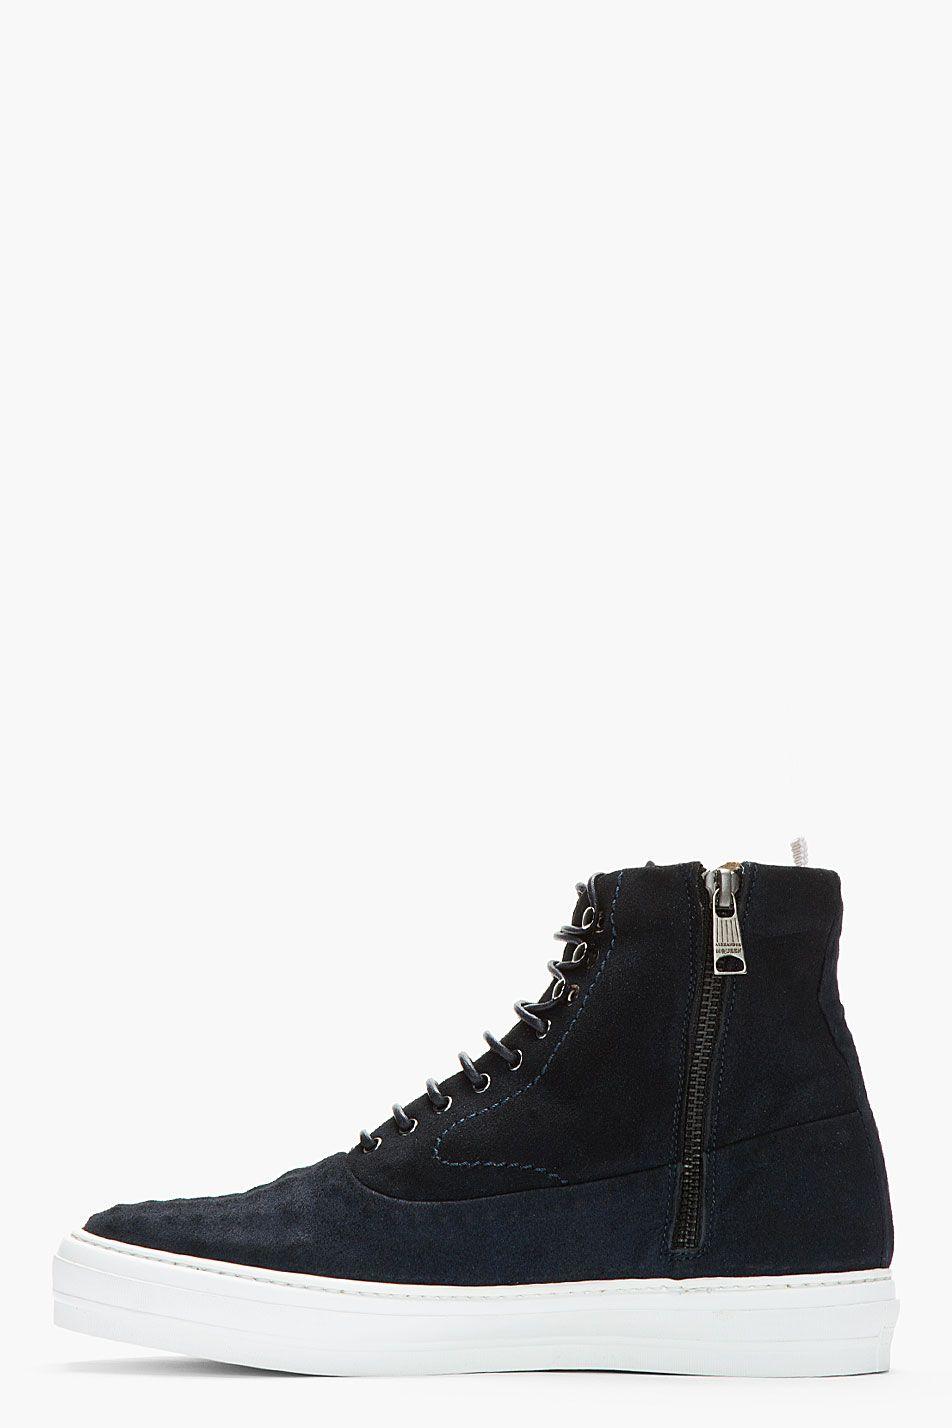 Dress shoes men, Mens shoes boots, Mens